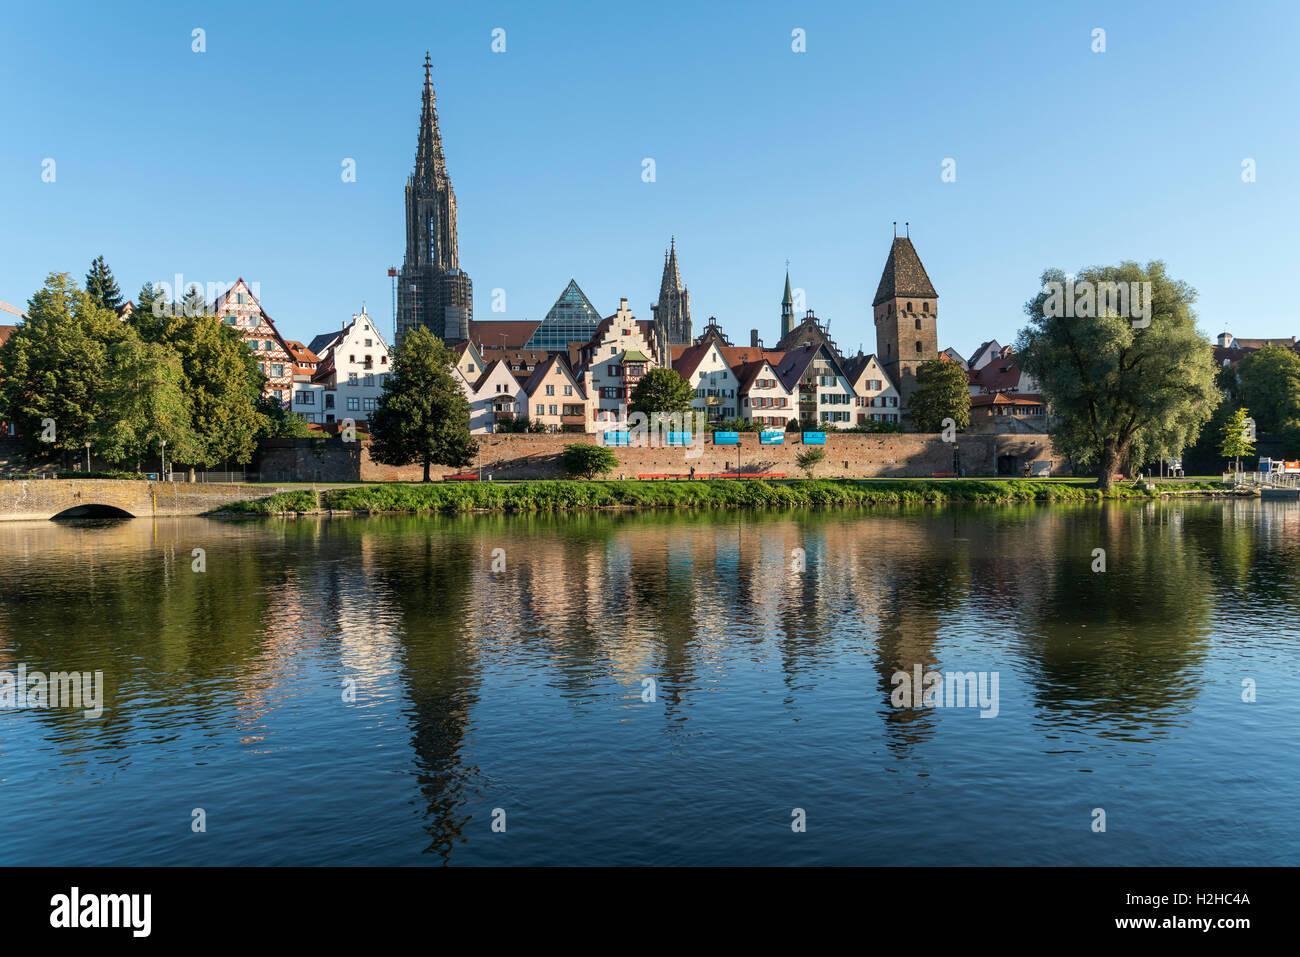 Vue urbaine avec Danube et de l'Ulm, Ulm, Bade-Wurtemberg, Allemagne, Europe Banque D'Images